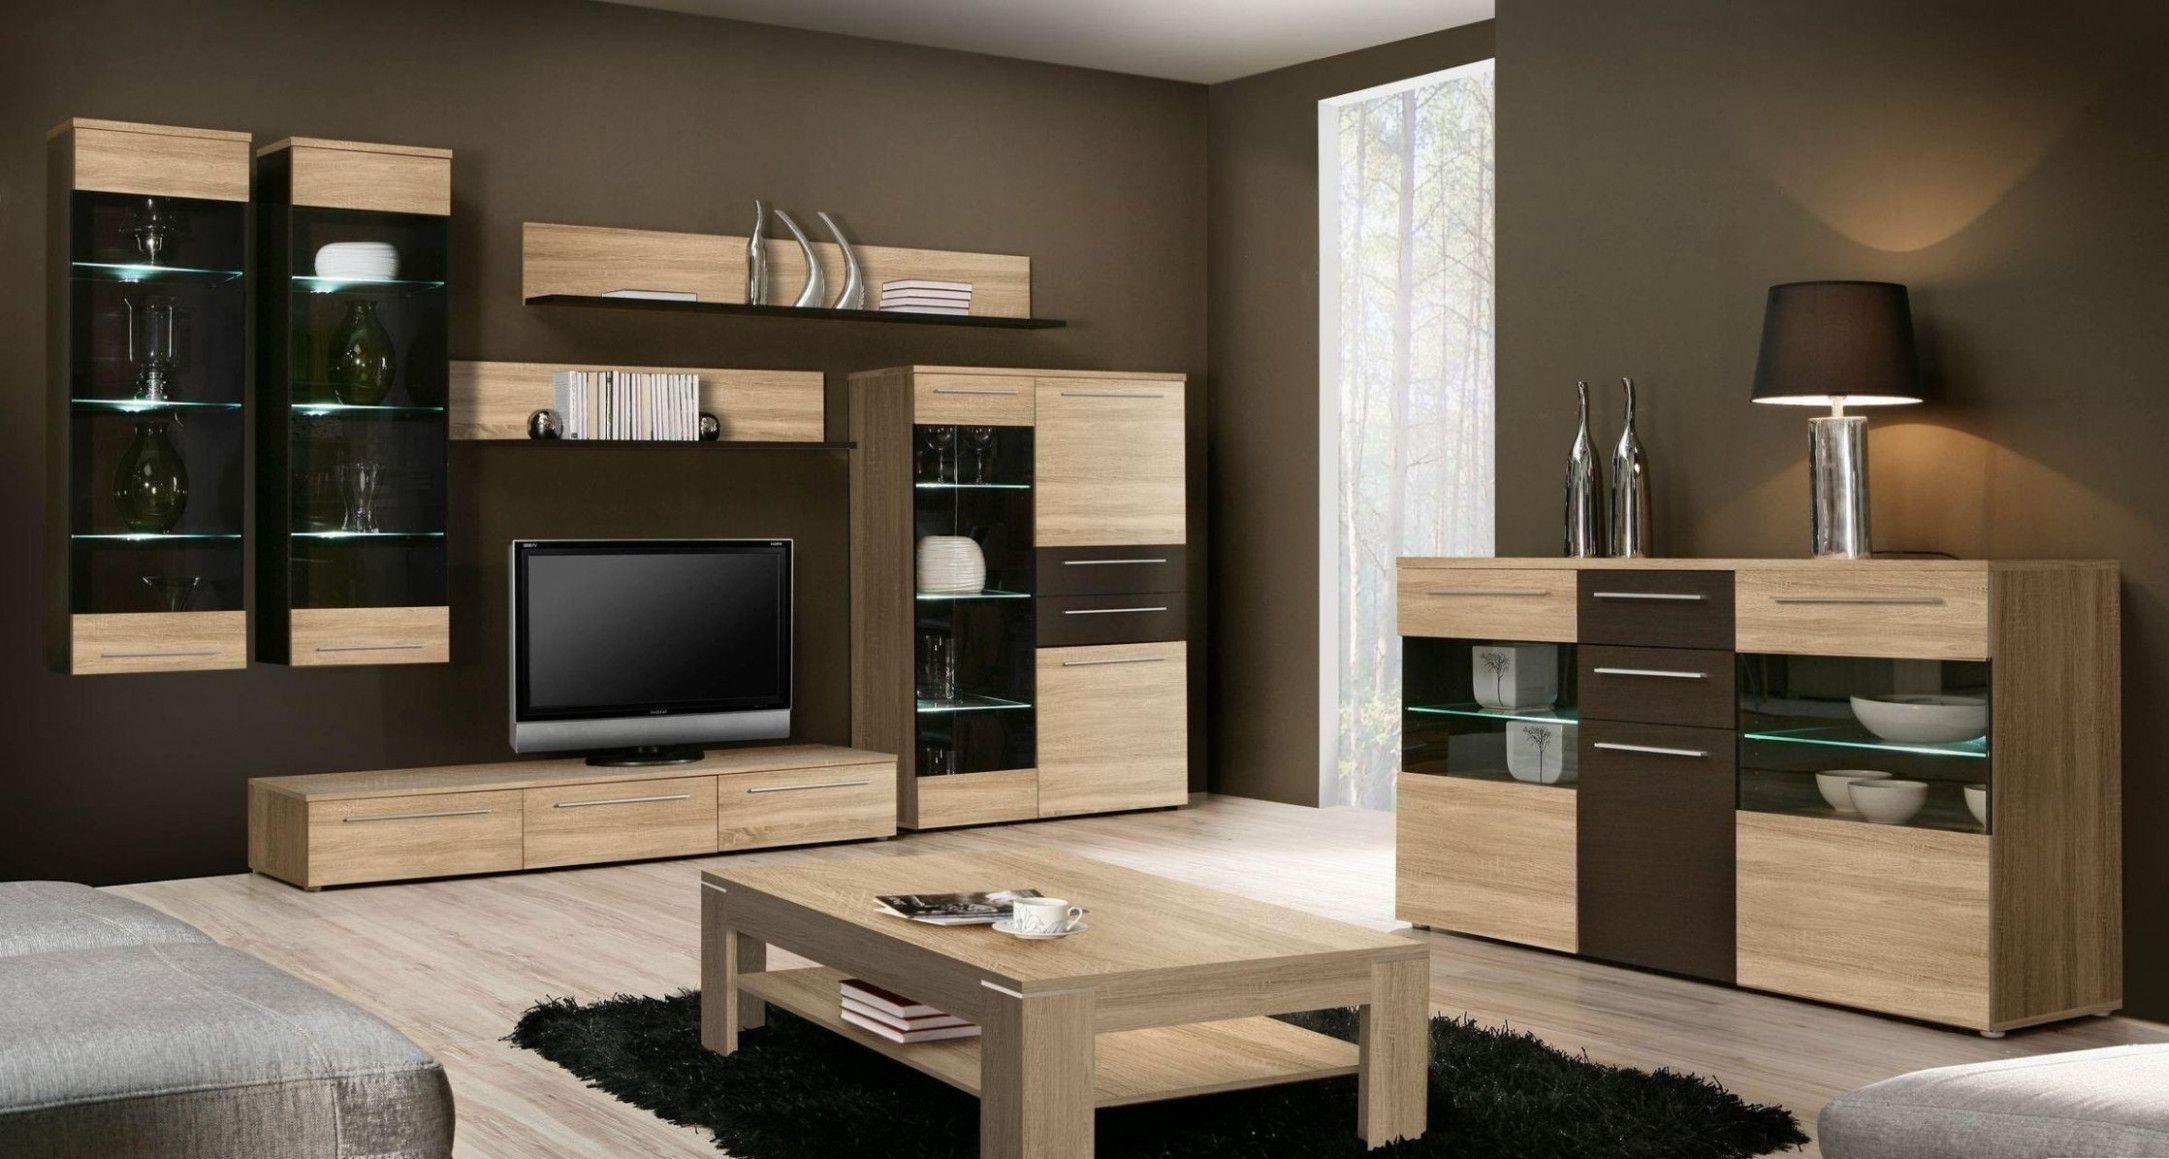 Wohnzimmermöbel Neu Gestalten  Haus Ideen